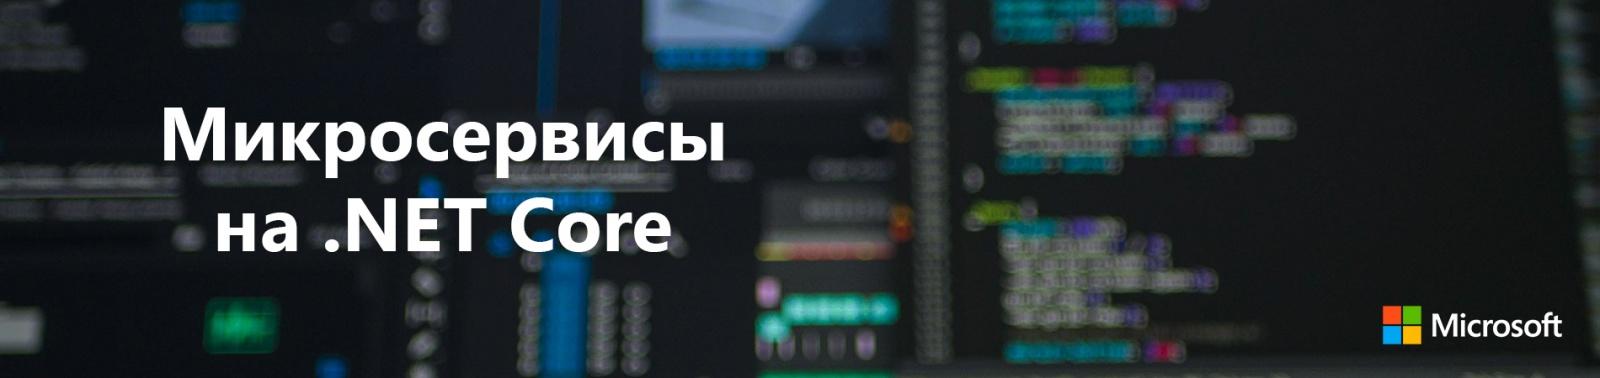 Подборка полезных материалов: Микросервисы на .NET Core - 1